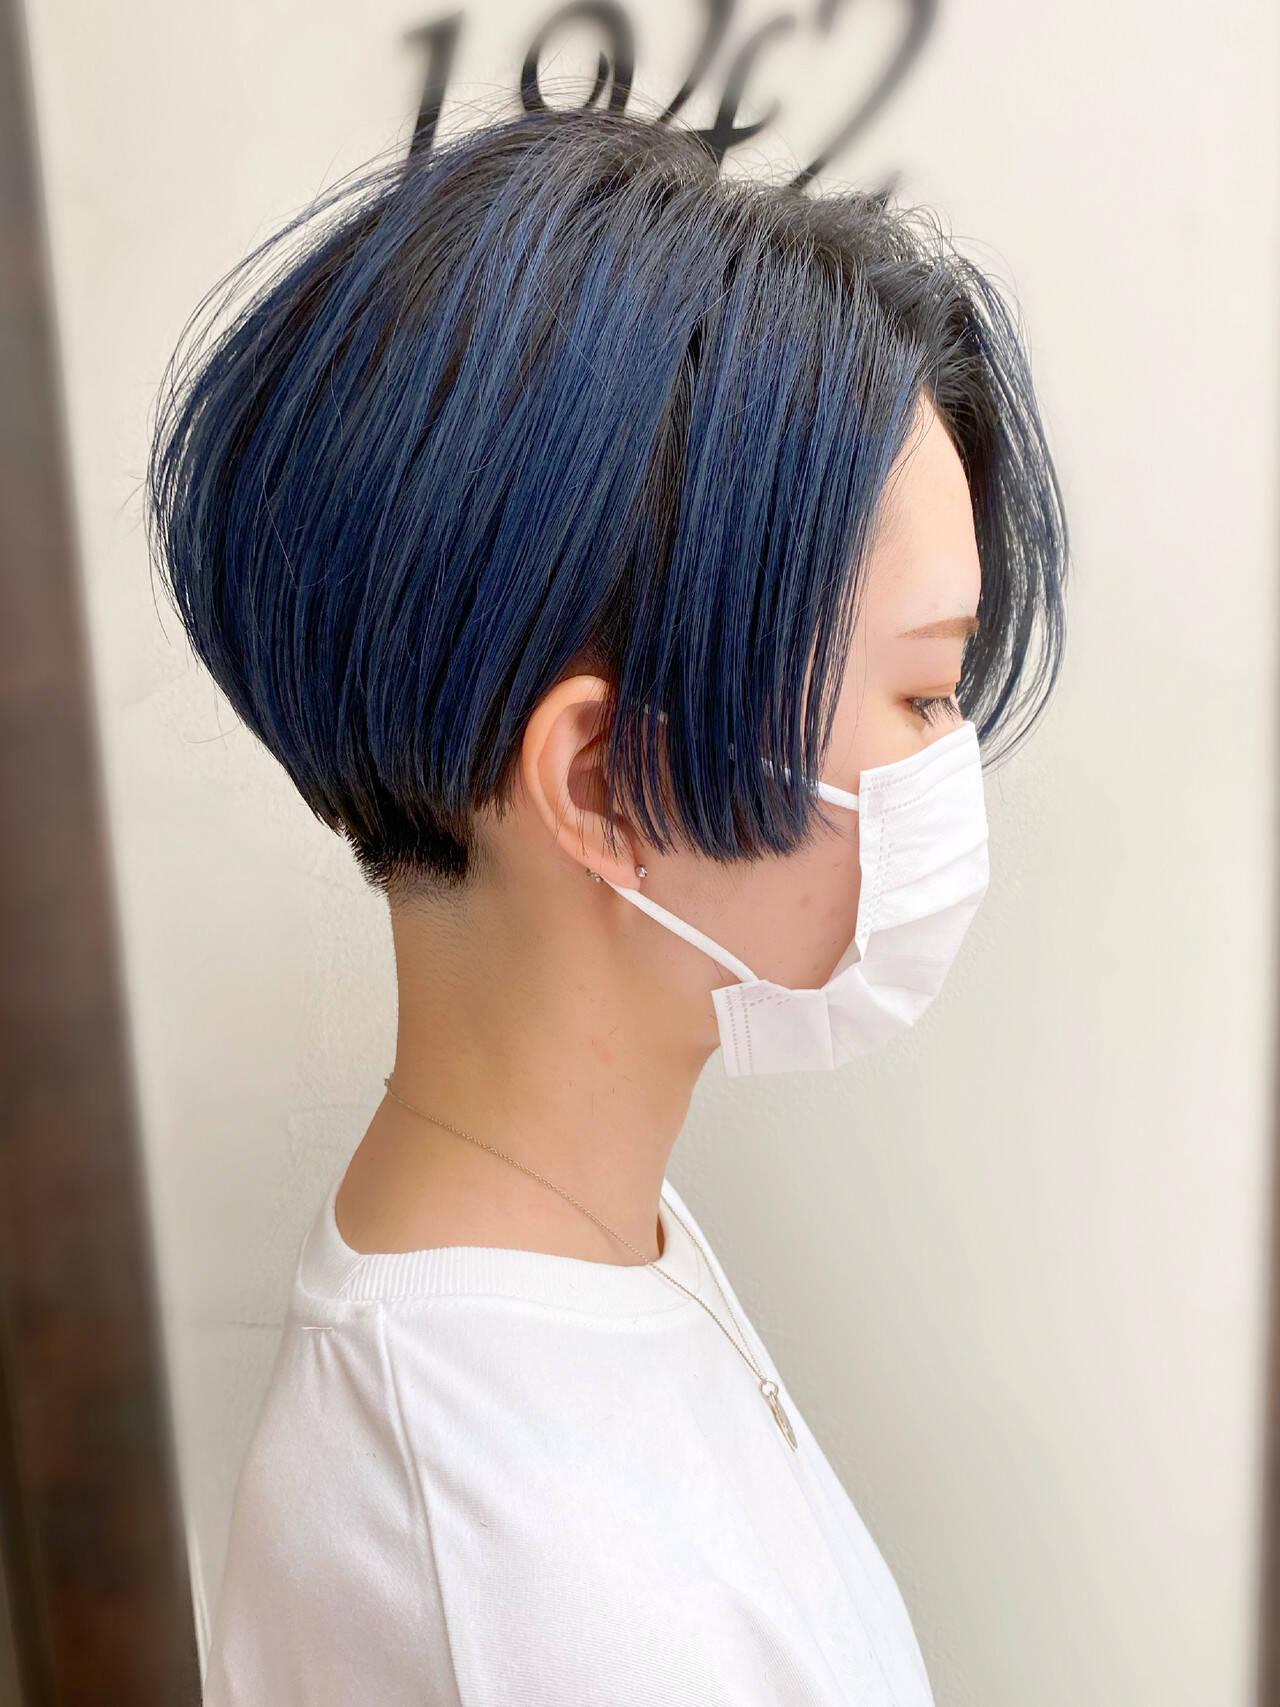 ナチュラル ショート 簡単スタイリング 刈り上げショートヘアスタイルや髪型の写真・画像